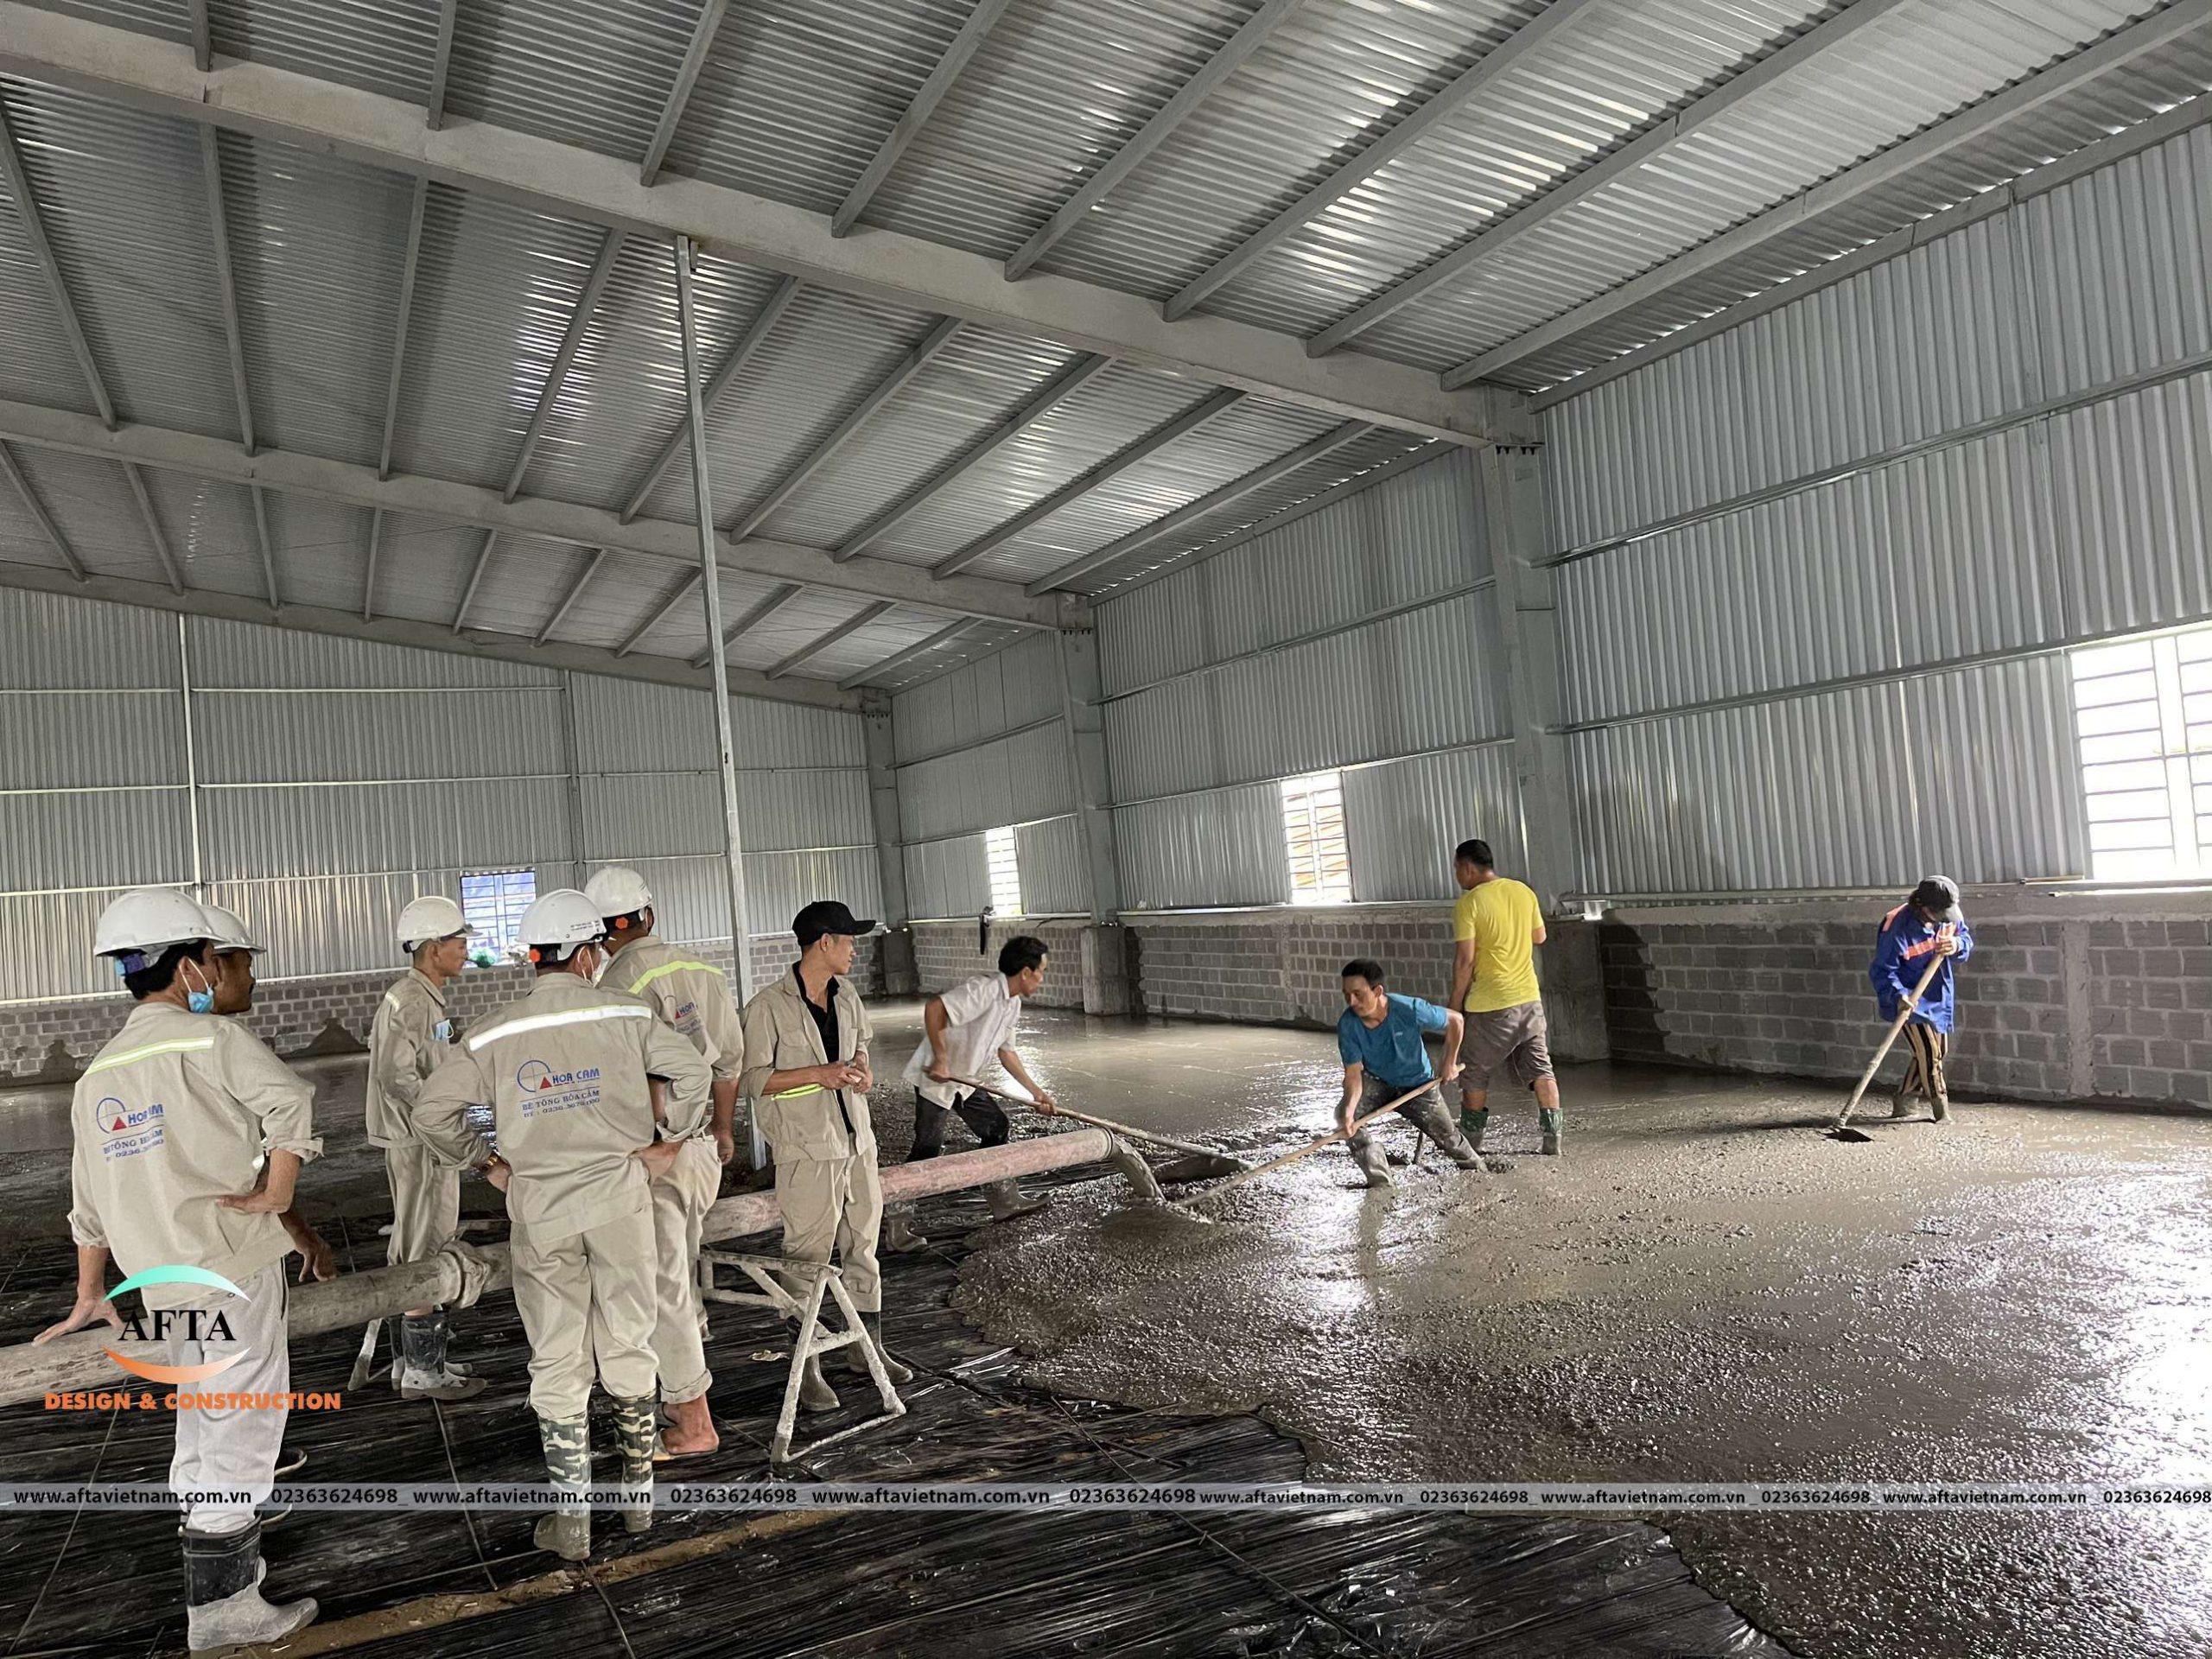 Afta thi công nhà xưởng làm nội thất tại Đà Nẵng 4